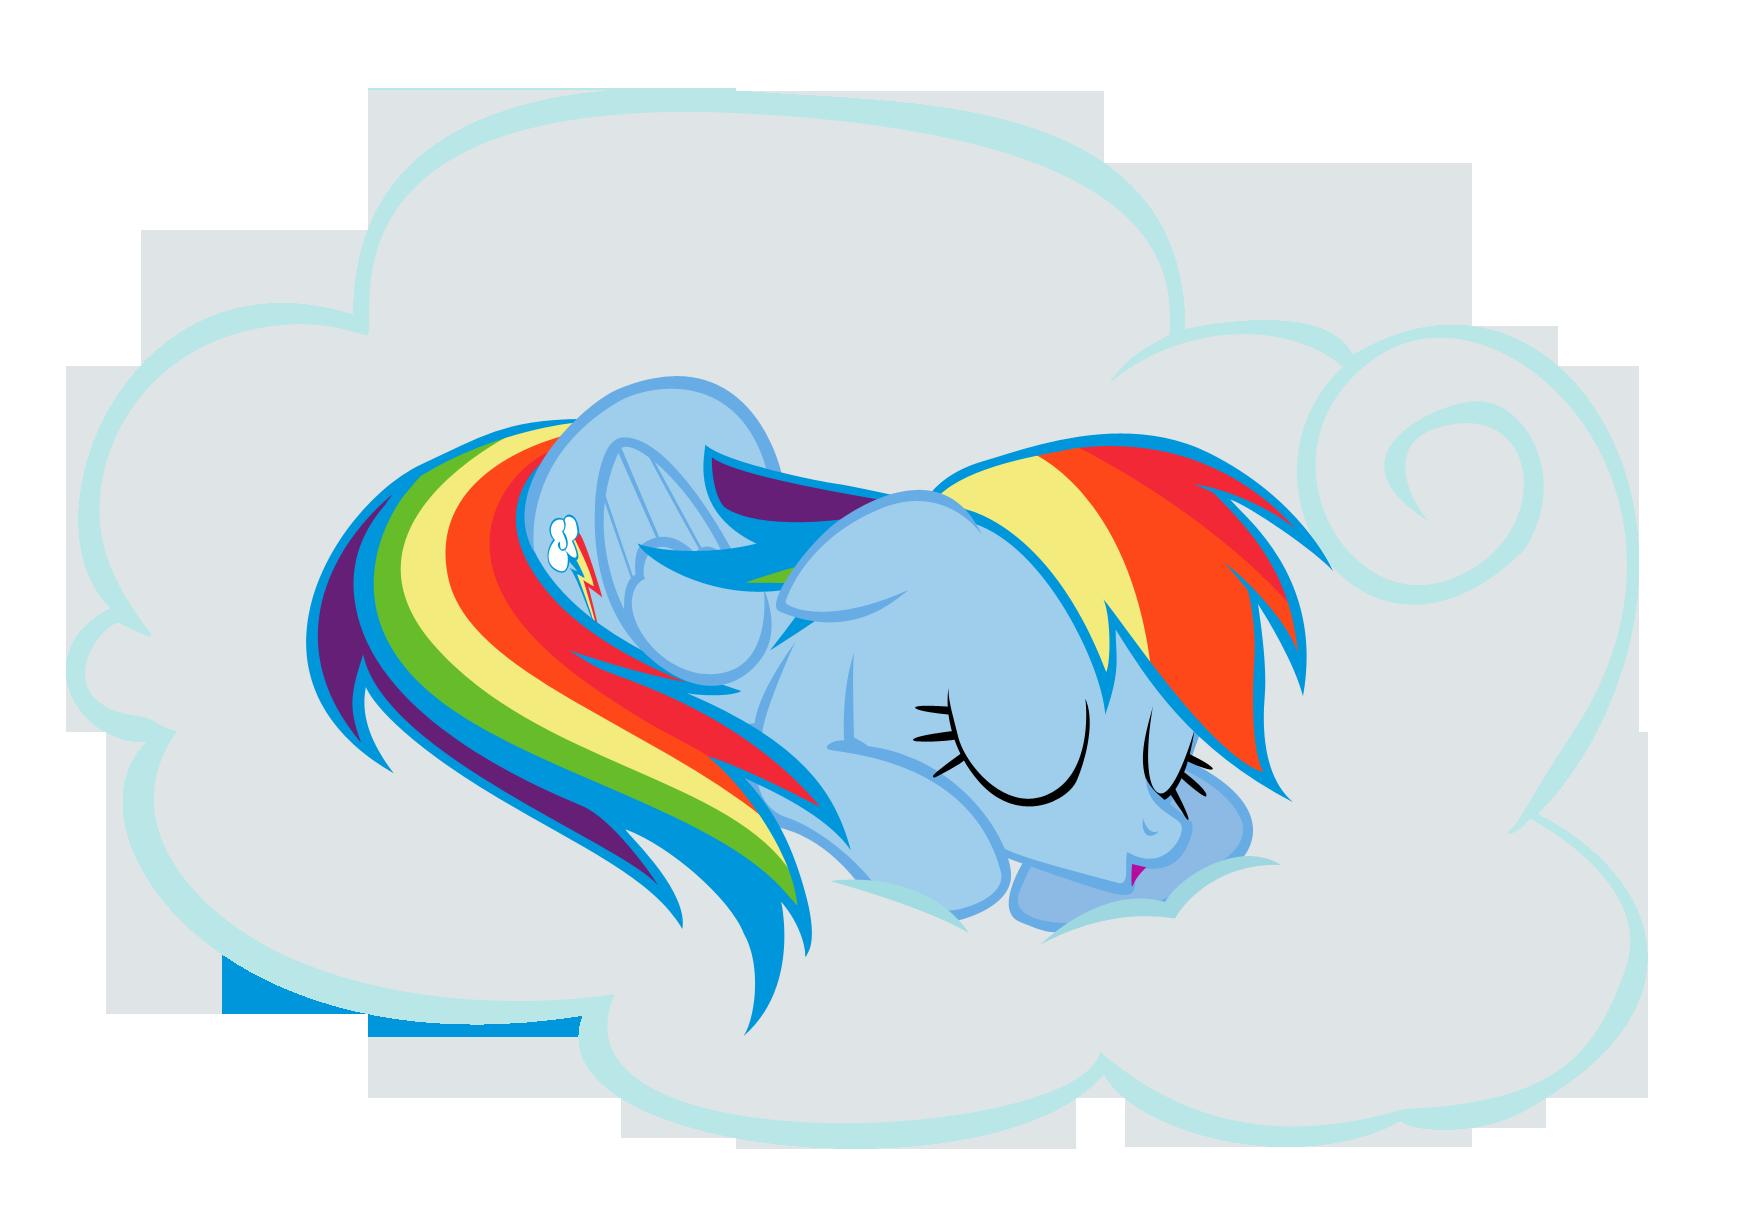 Картинки анимаций пони, надписью аватарка появится